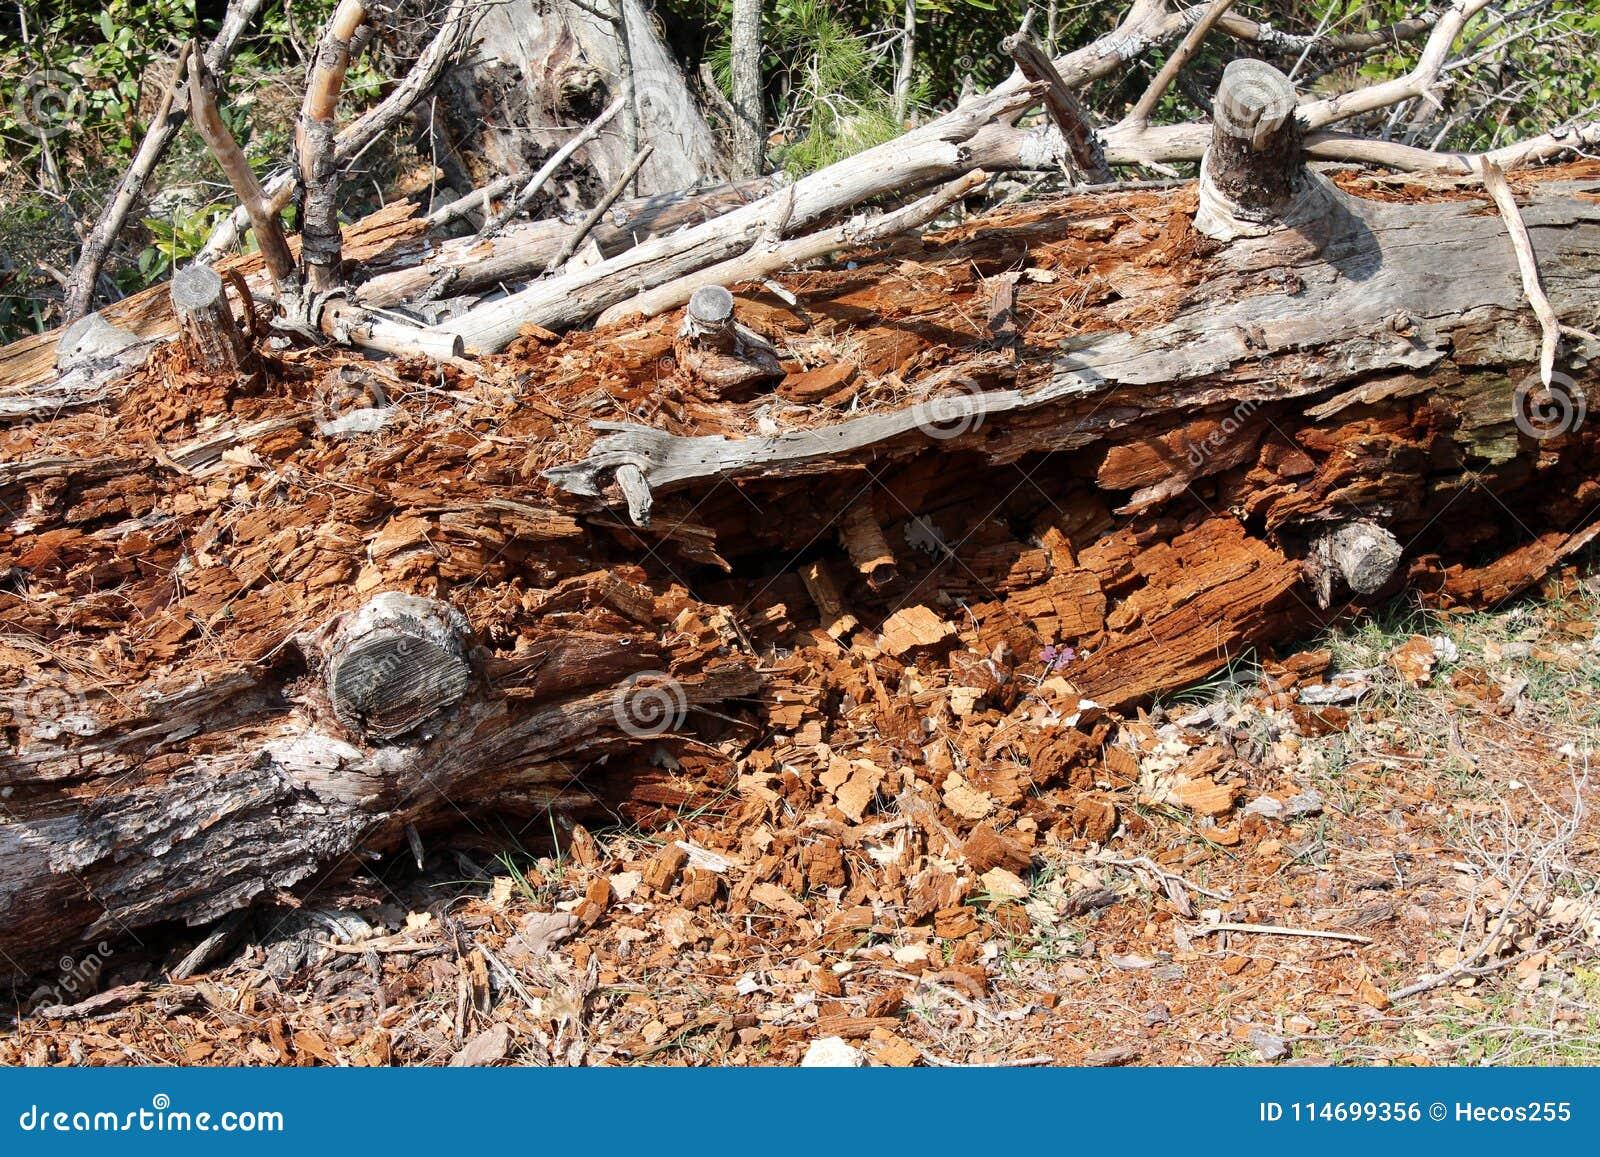 Tronco di albero completamente distrutto dalle termiti